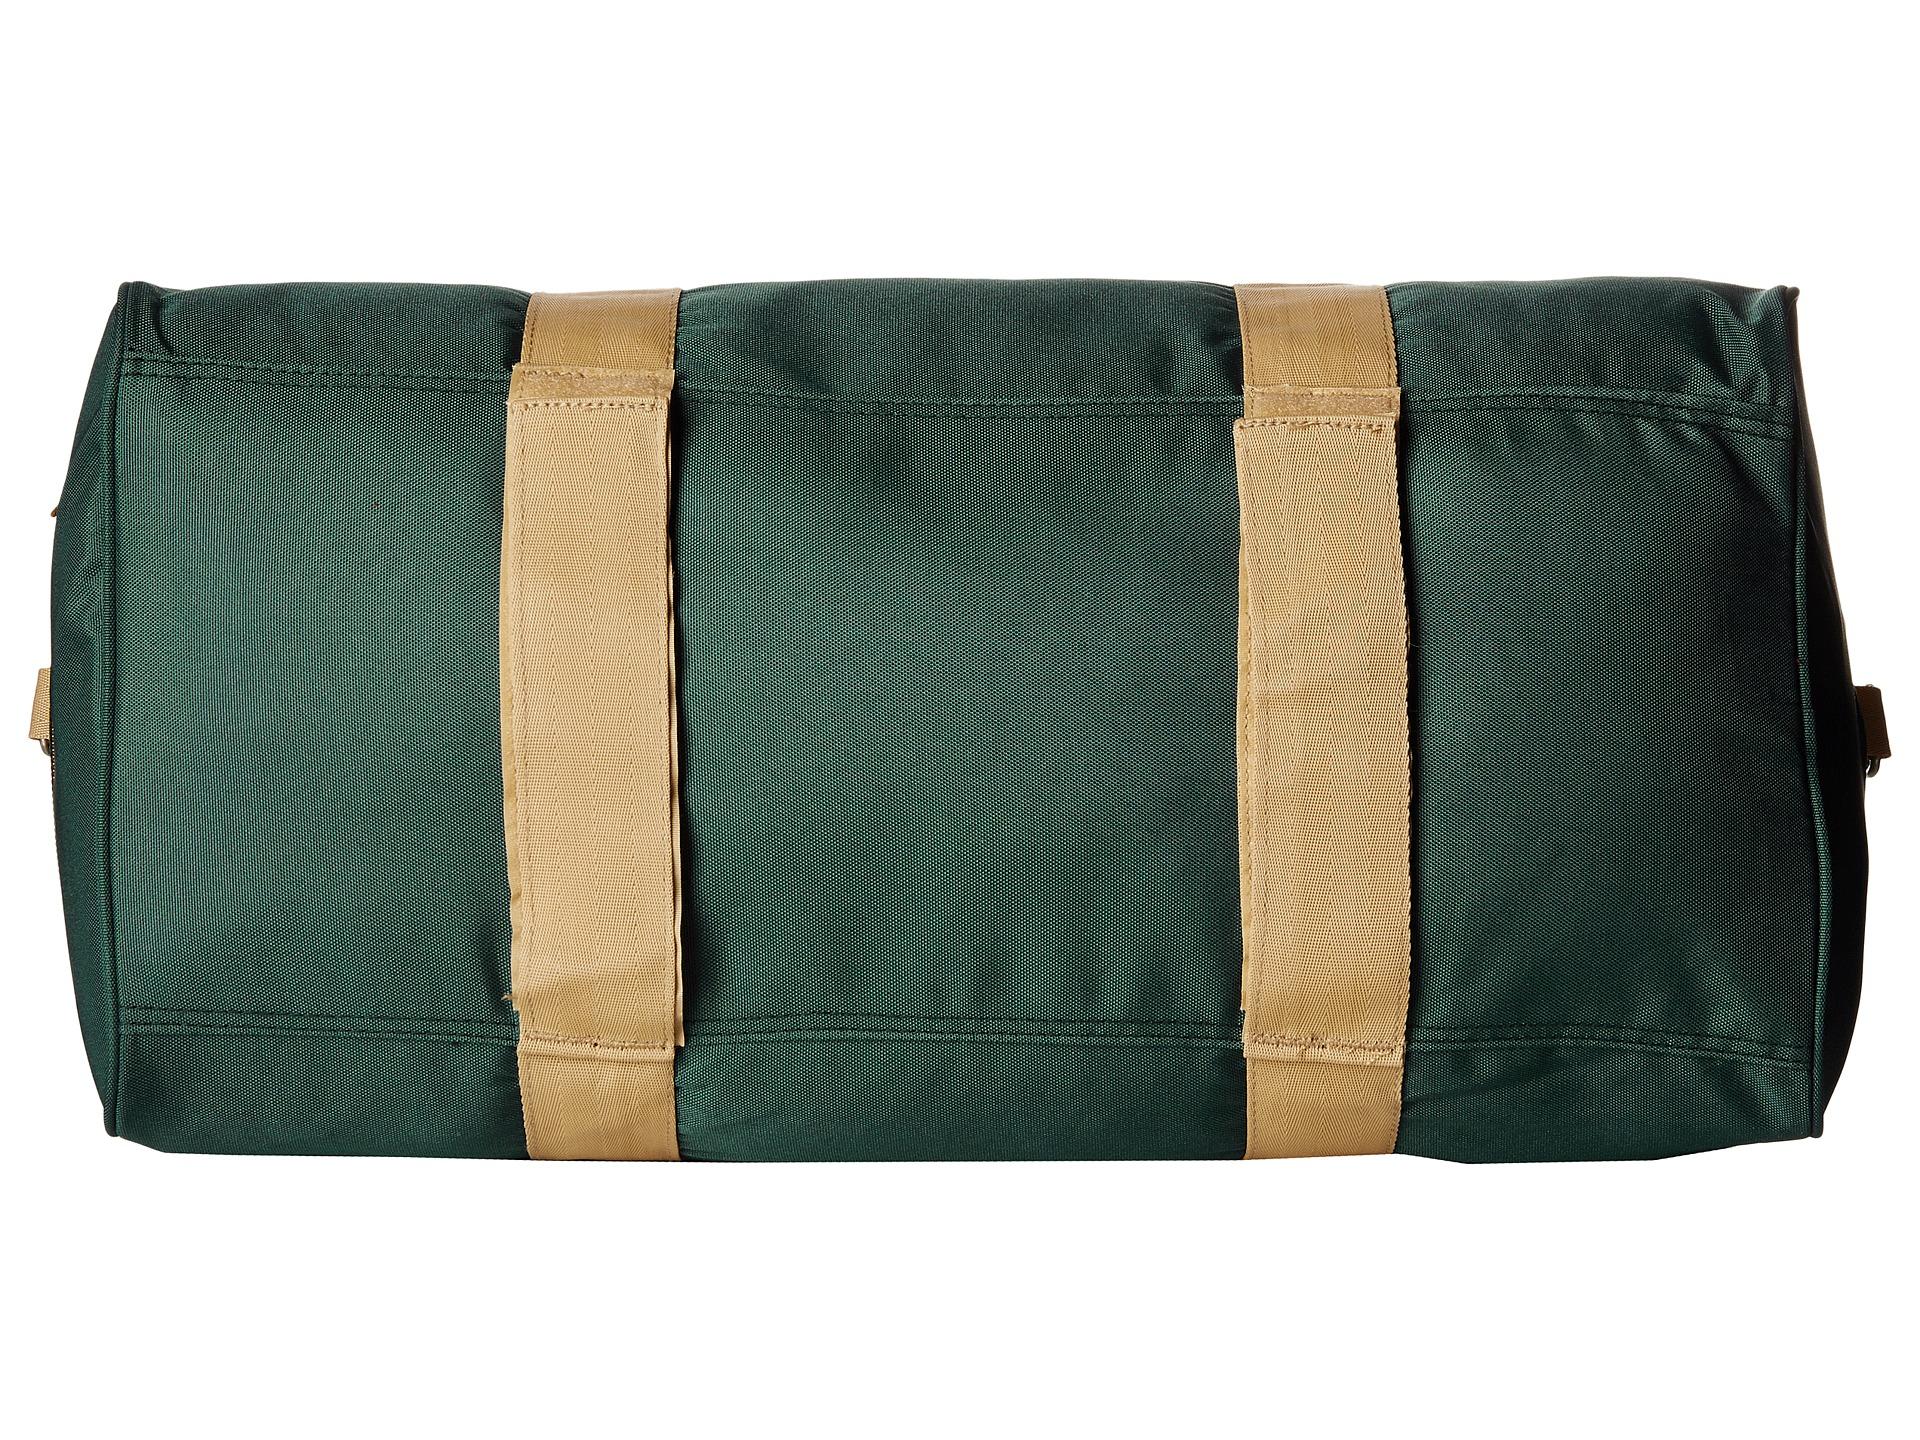 Rate and Review Poler Duffaluffagus Duffel Bag